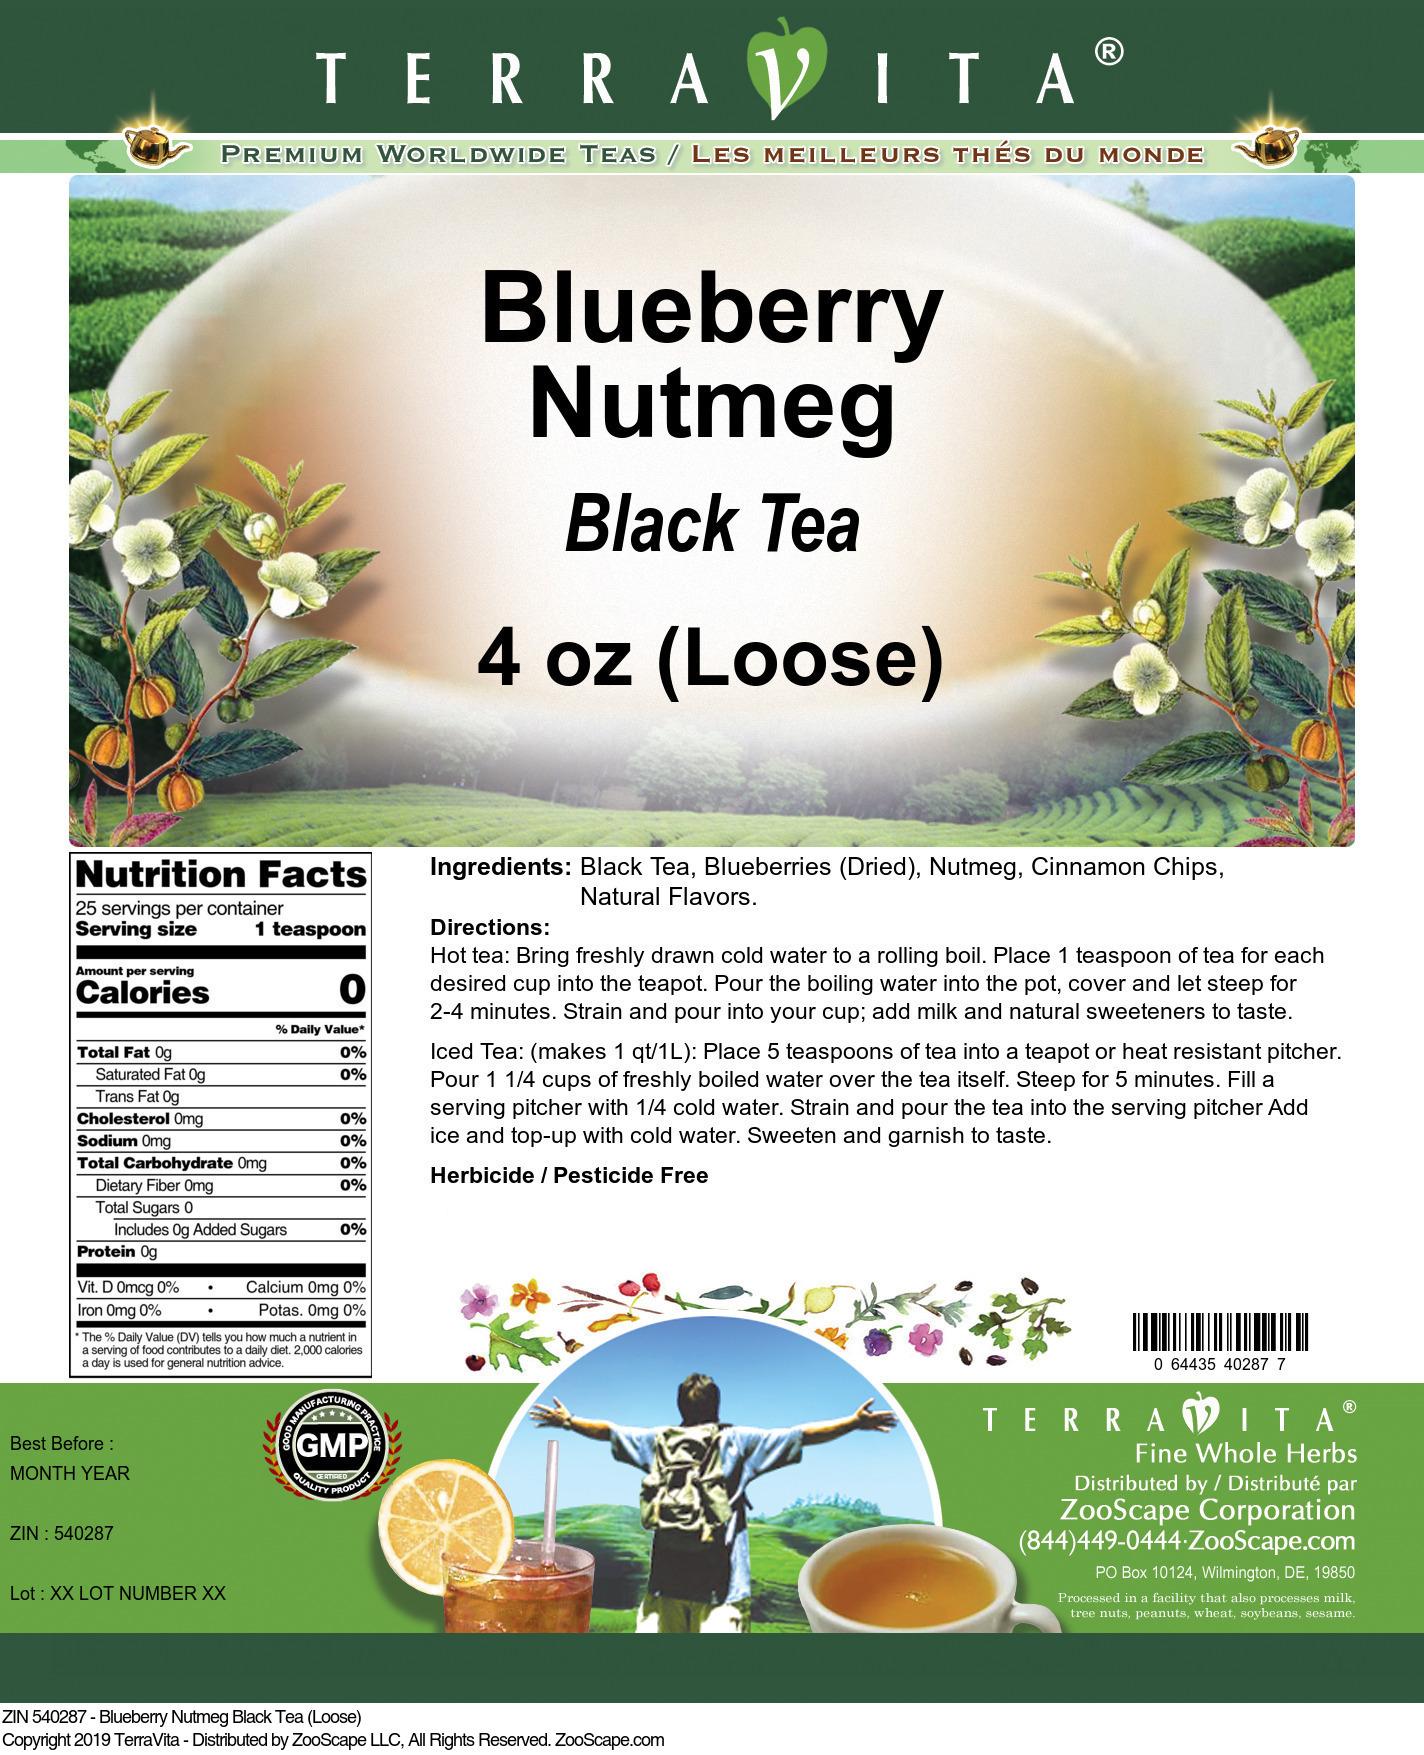 Blueberry Nutmeg Black Tea (Loose)